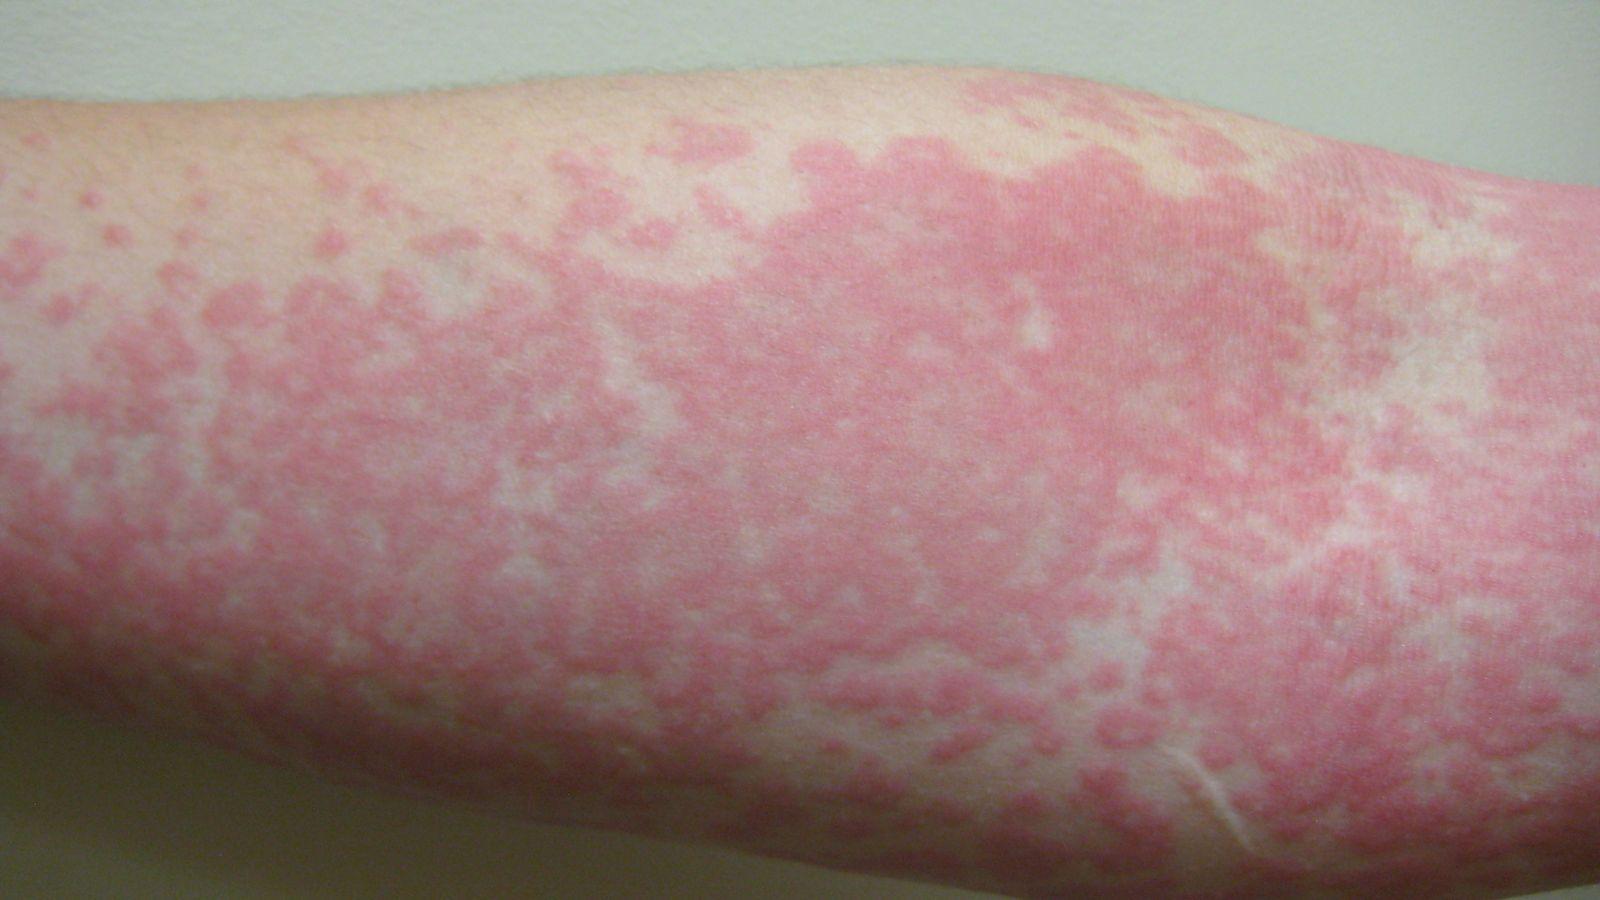 Erupção na pele pode ser mais um sinal de Coronavírus